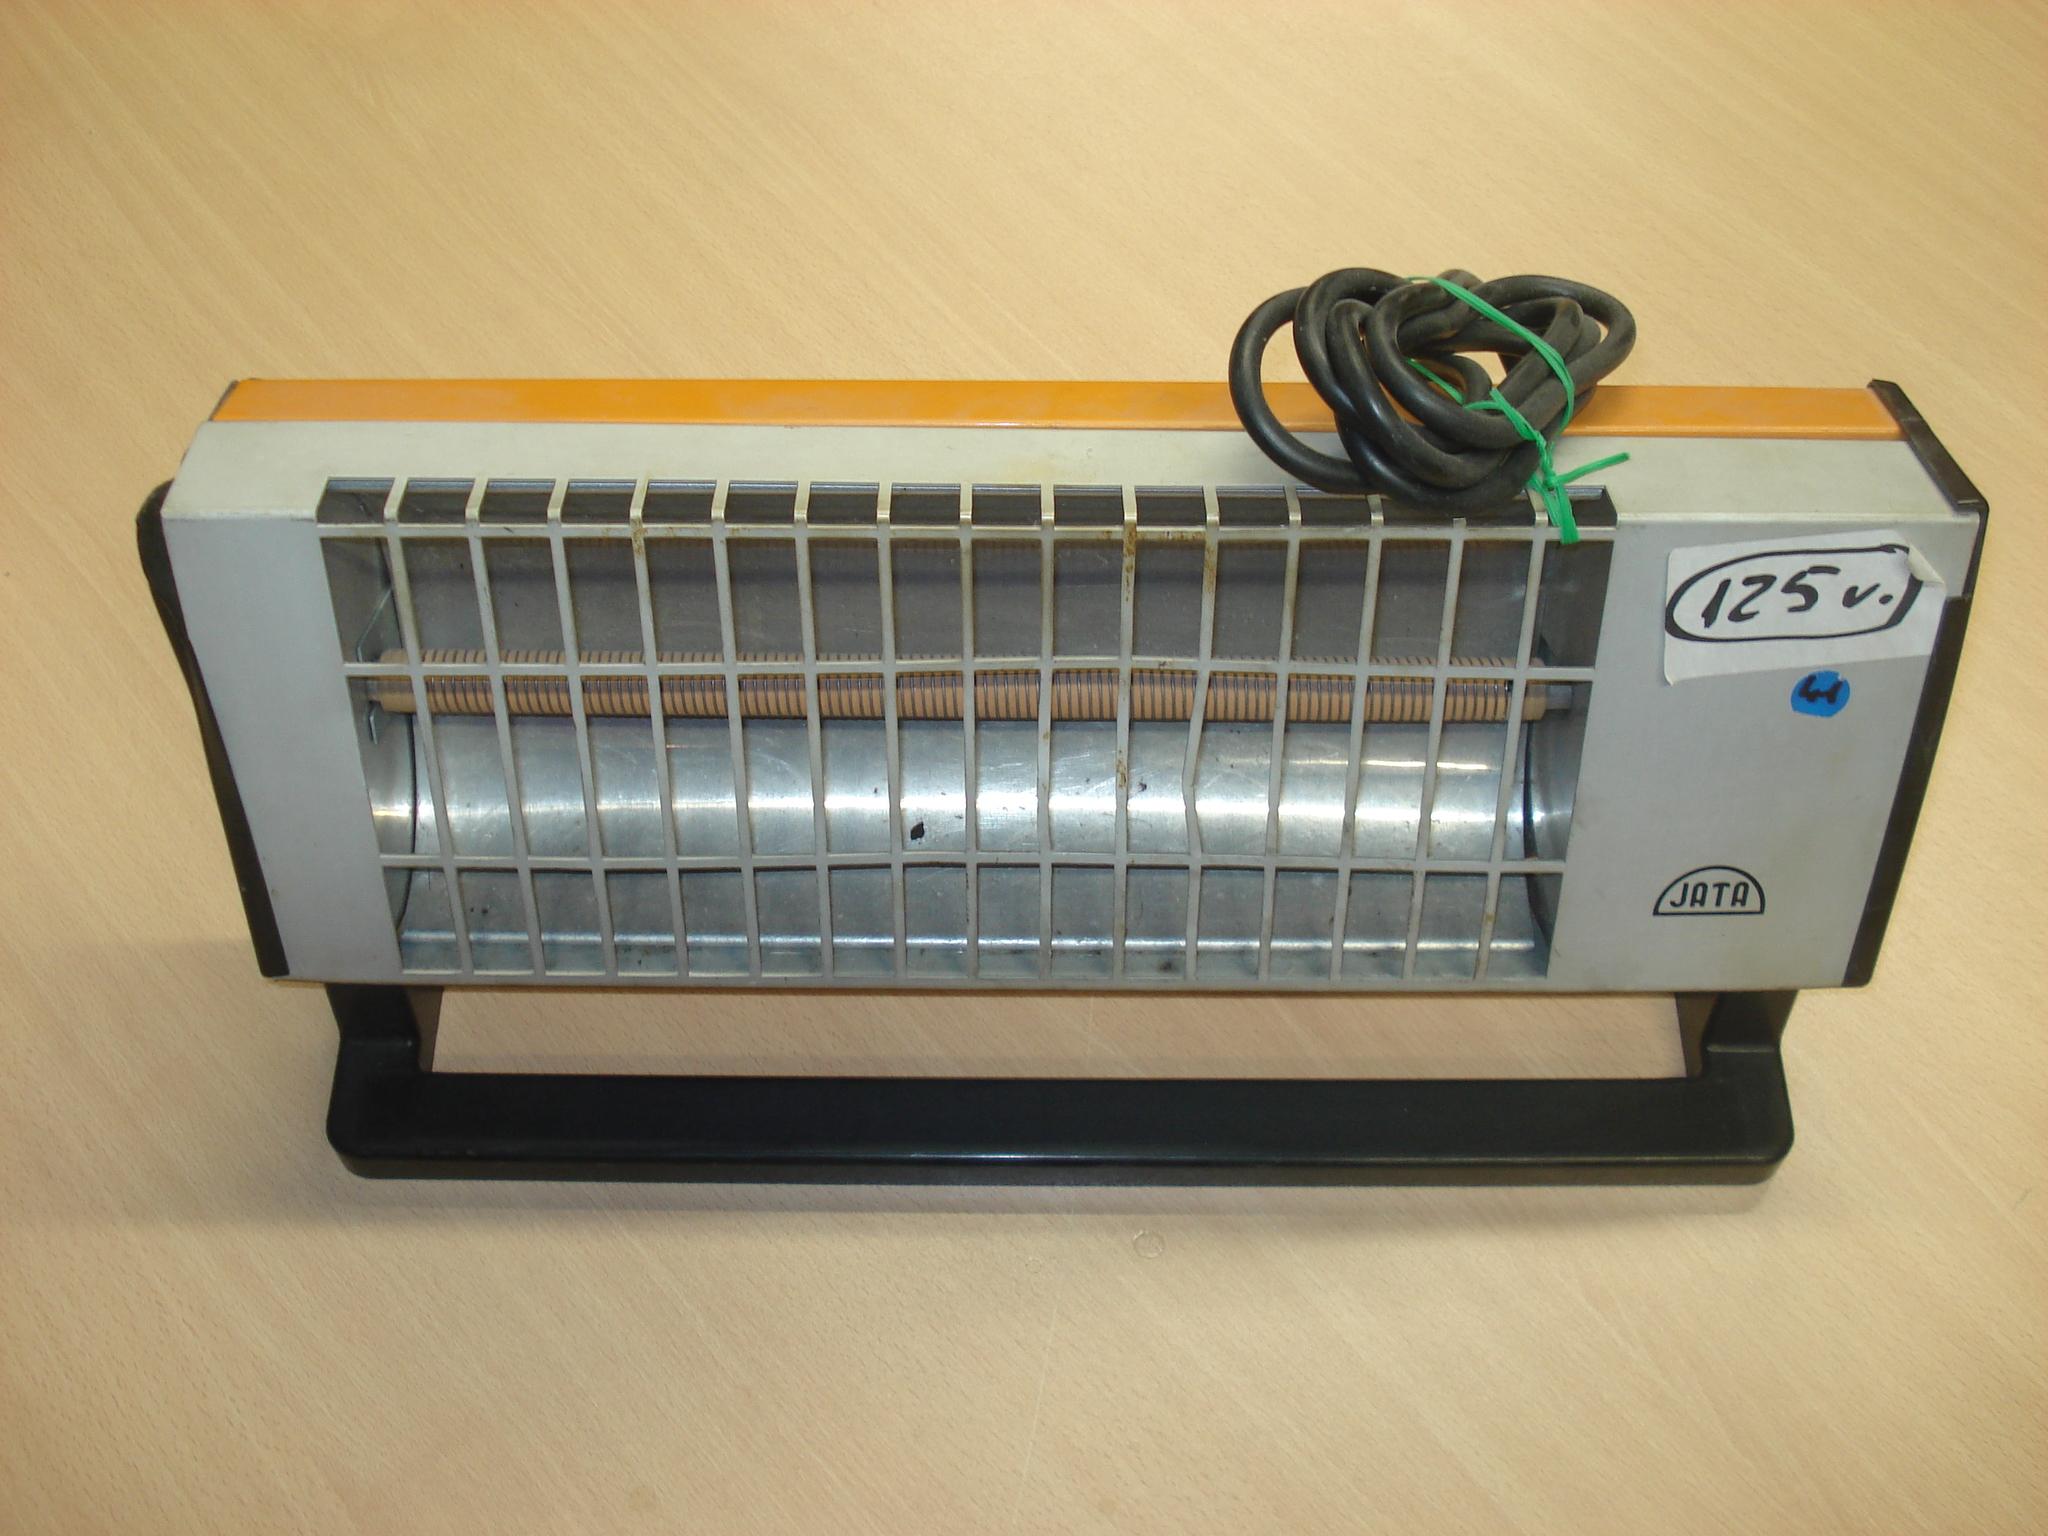 Estufa eléctrica JATA mod. 71